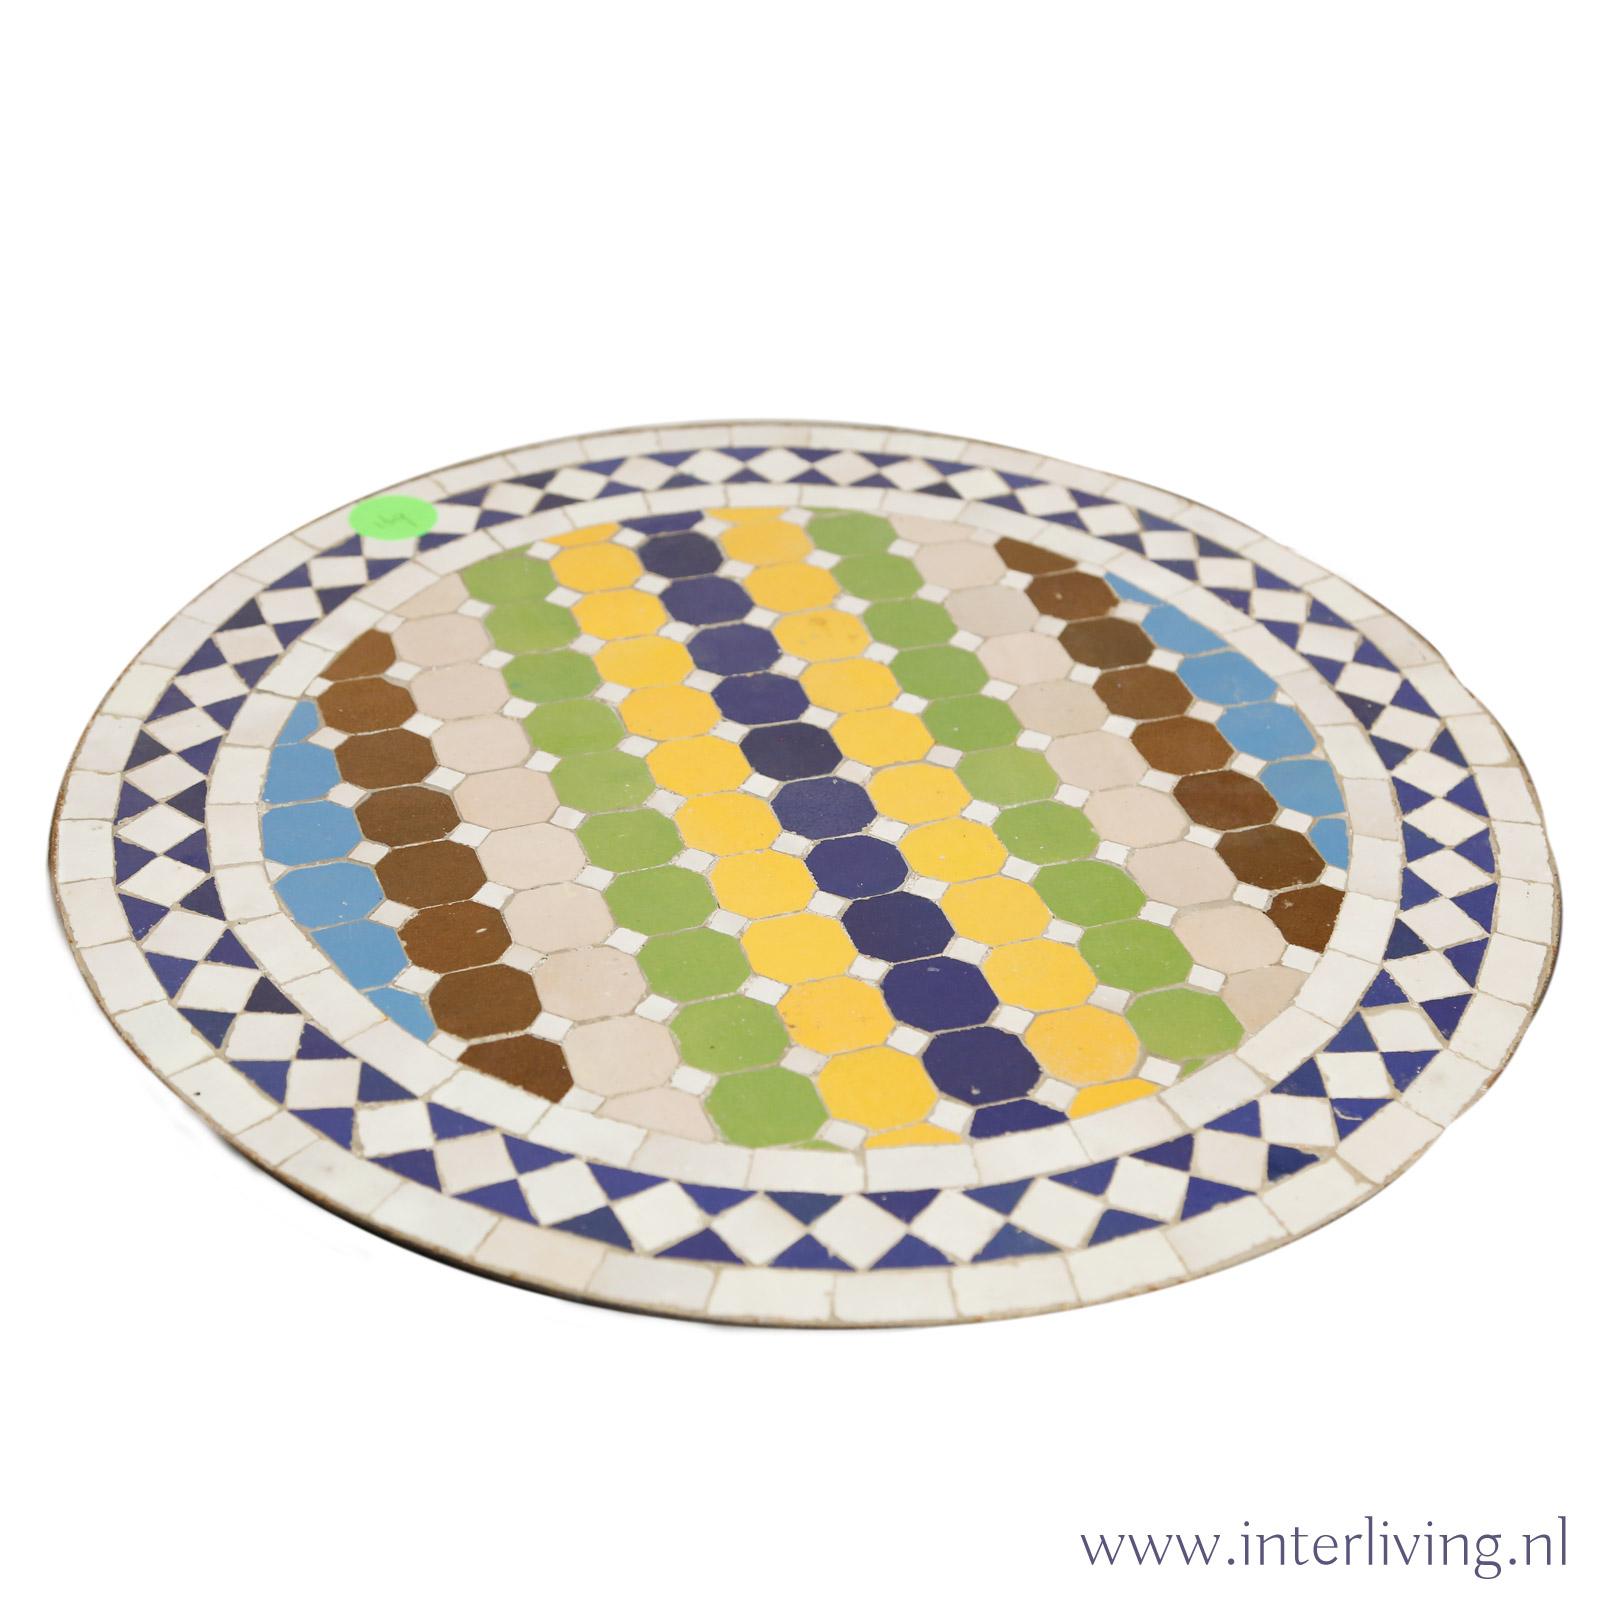 ronde tuin tafel / bijzettafel - Marokkaanse tegels met mozaïek patronen